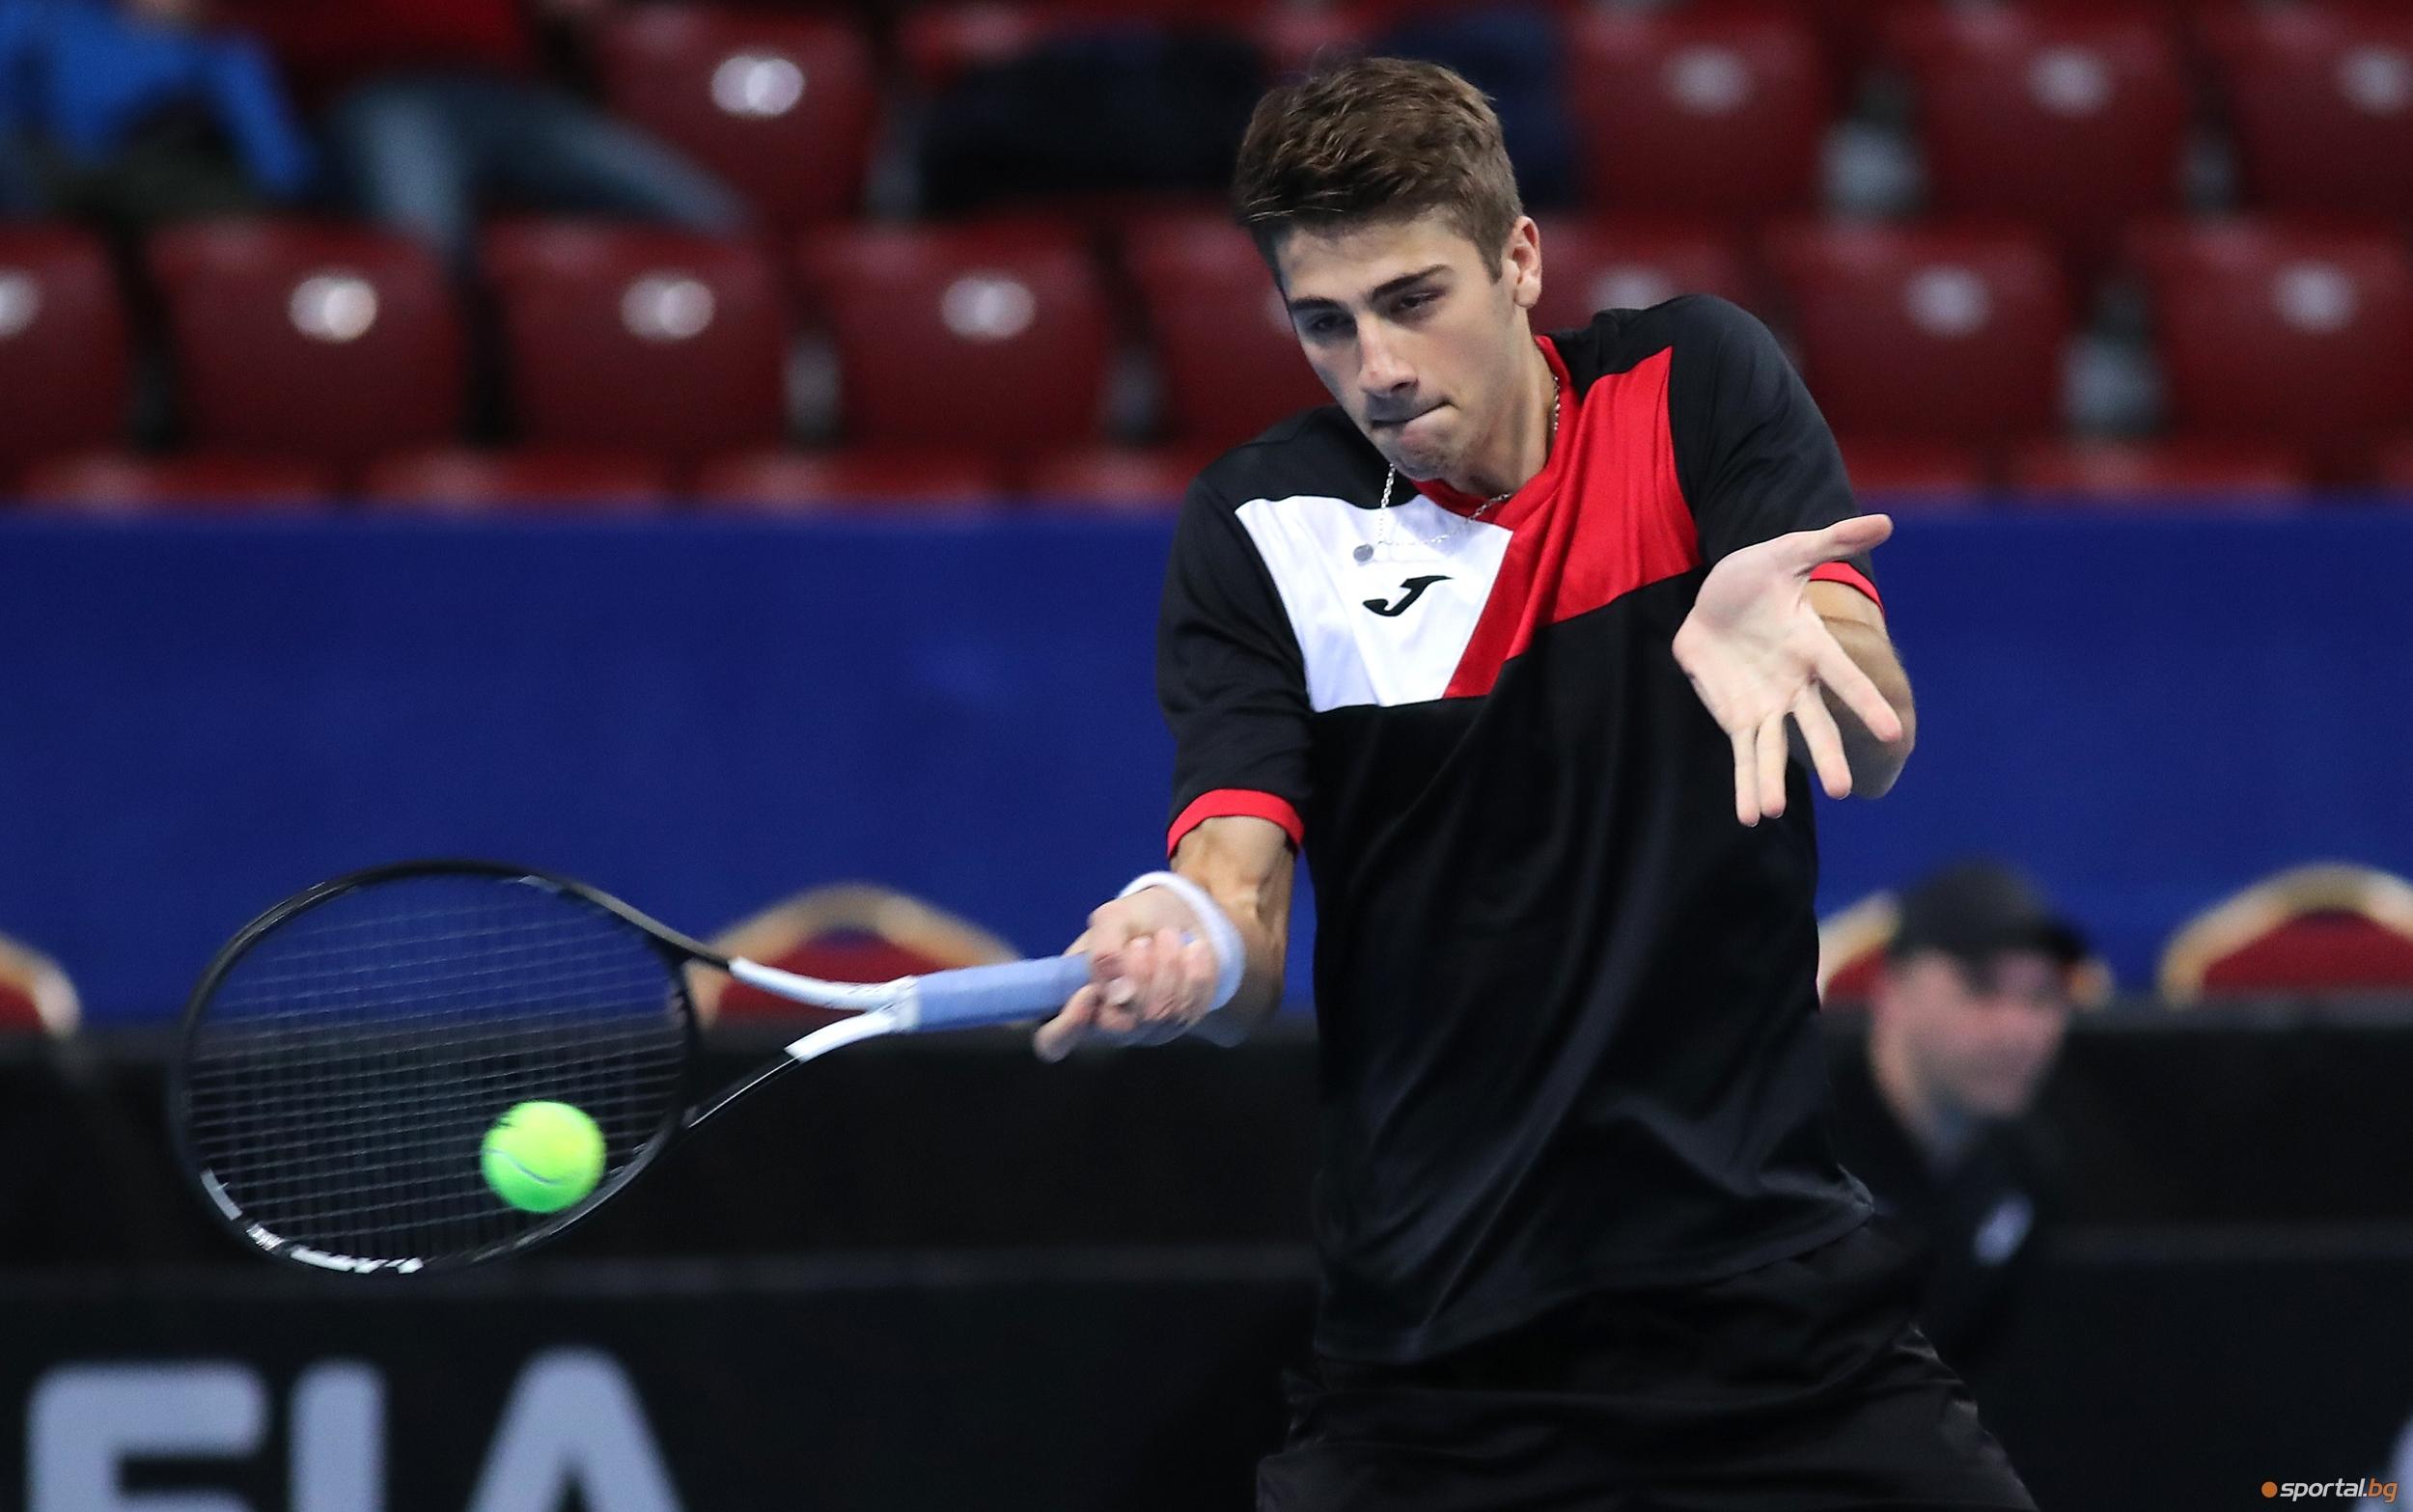 Българският тенисист Александър Донски получи покана и ще участва на